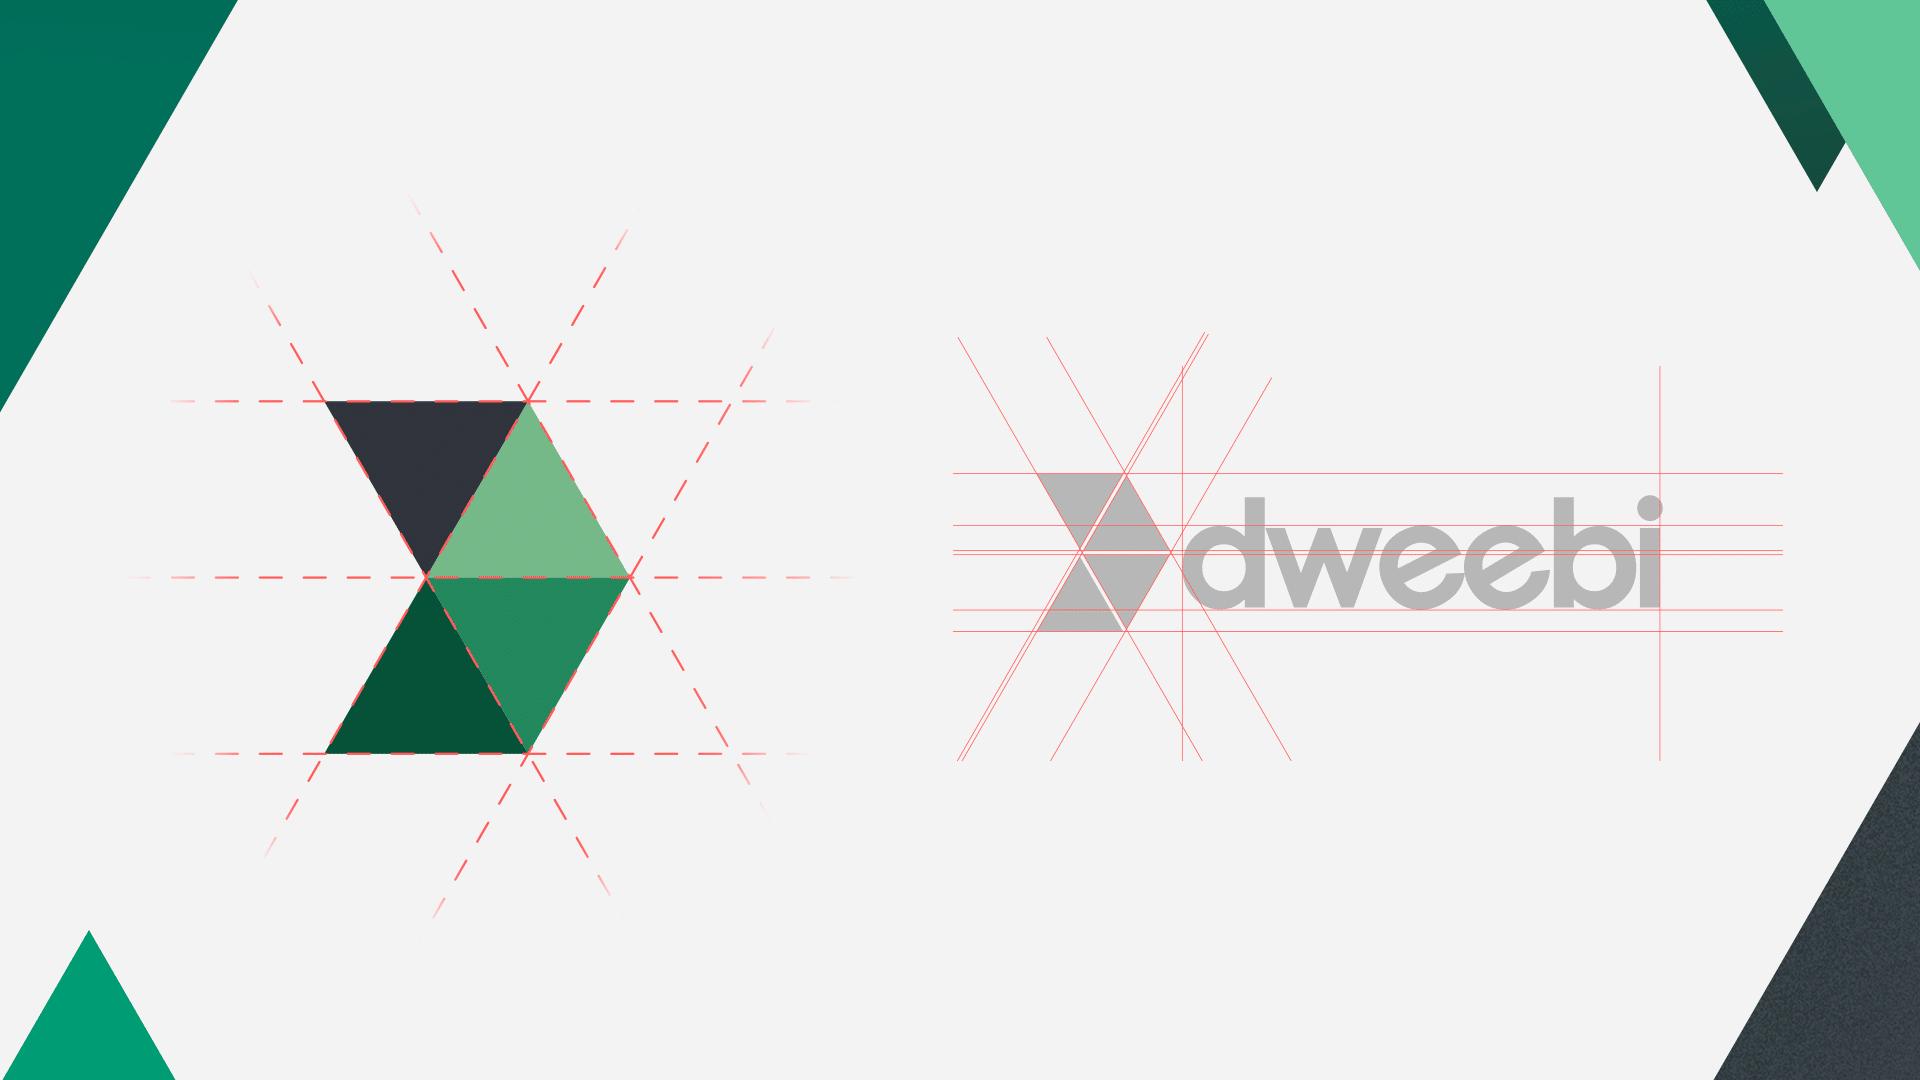 Great logo design with Dweebi